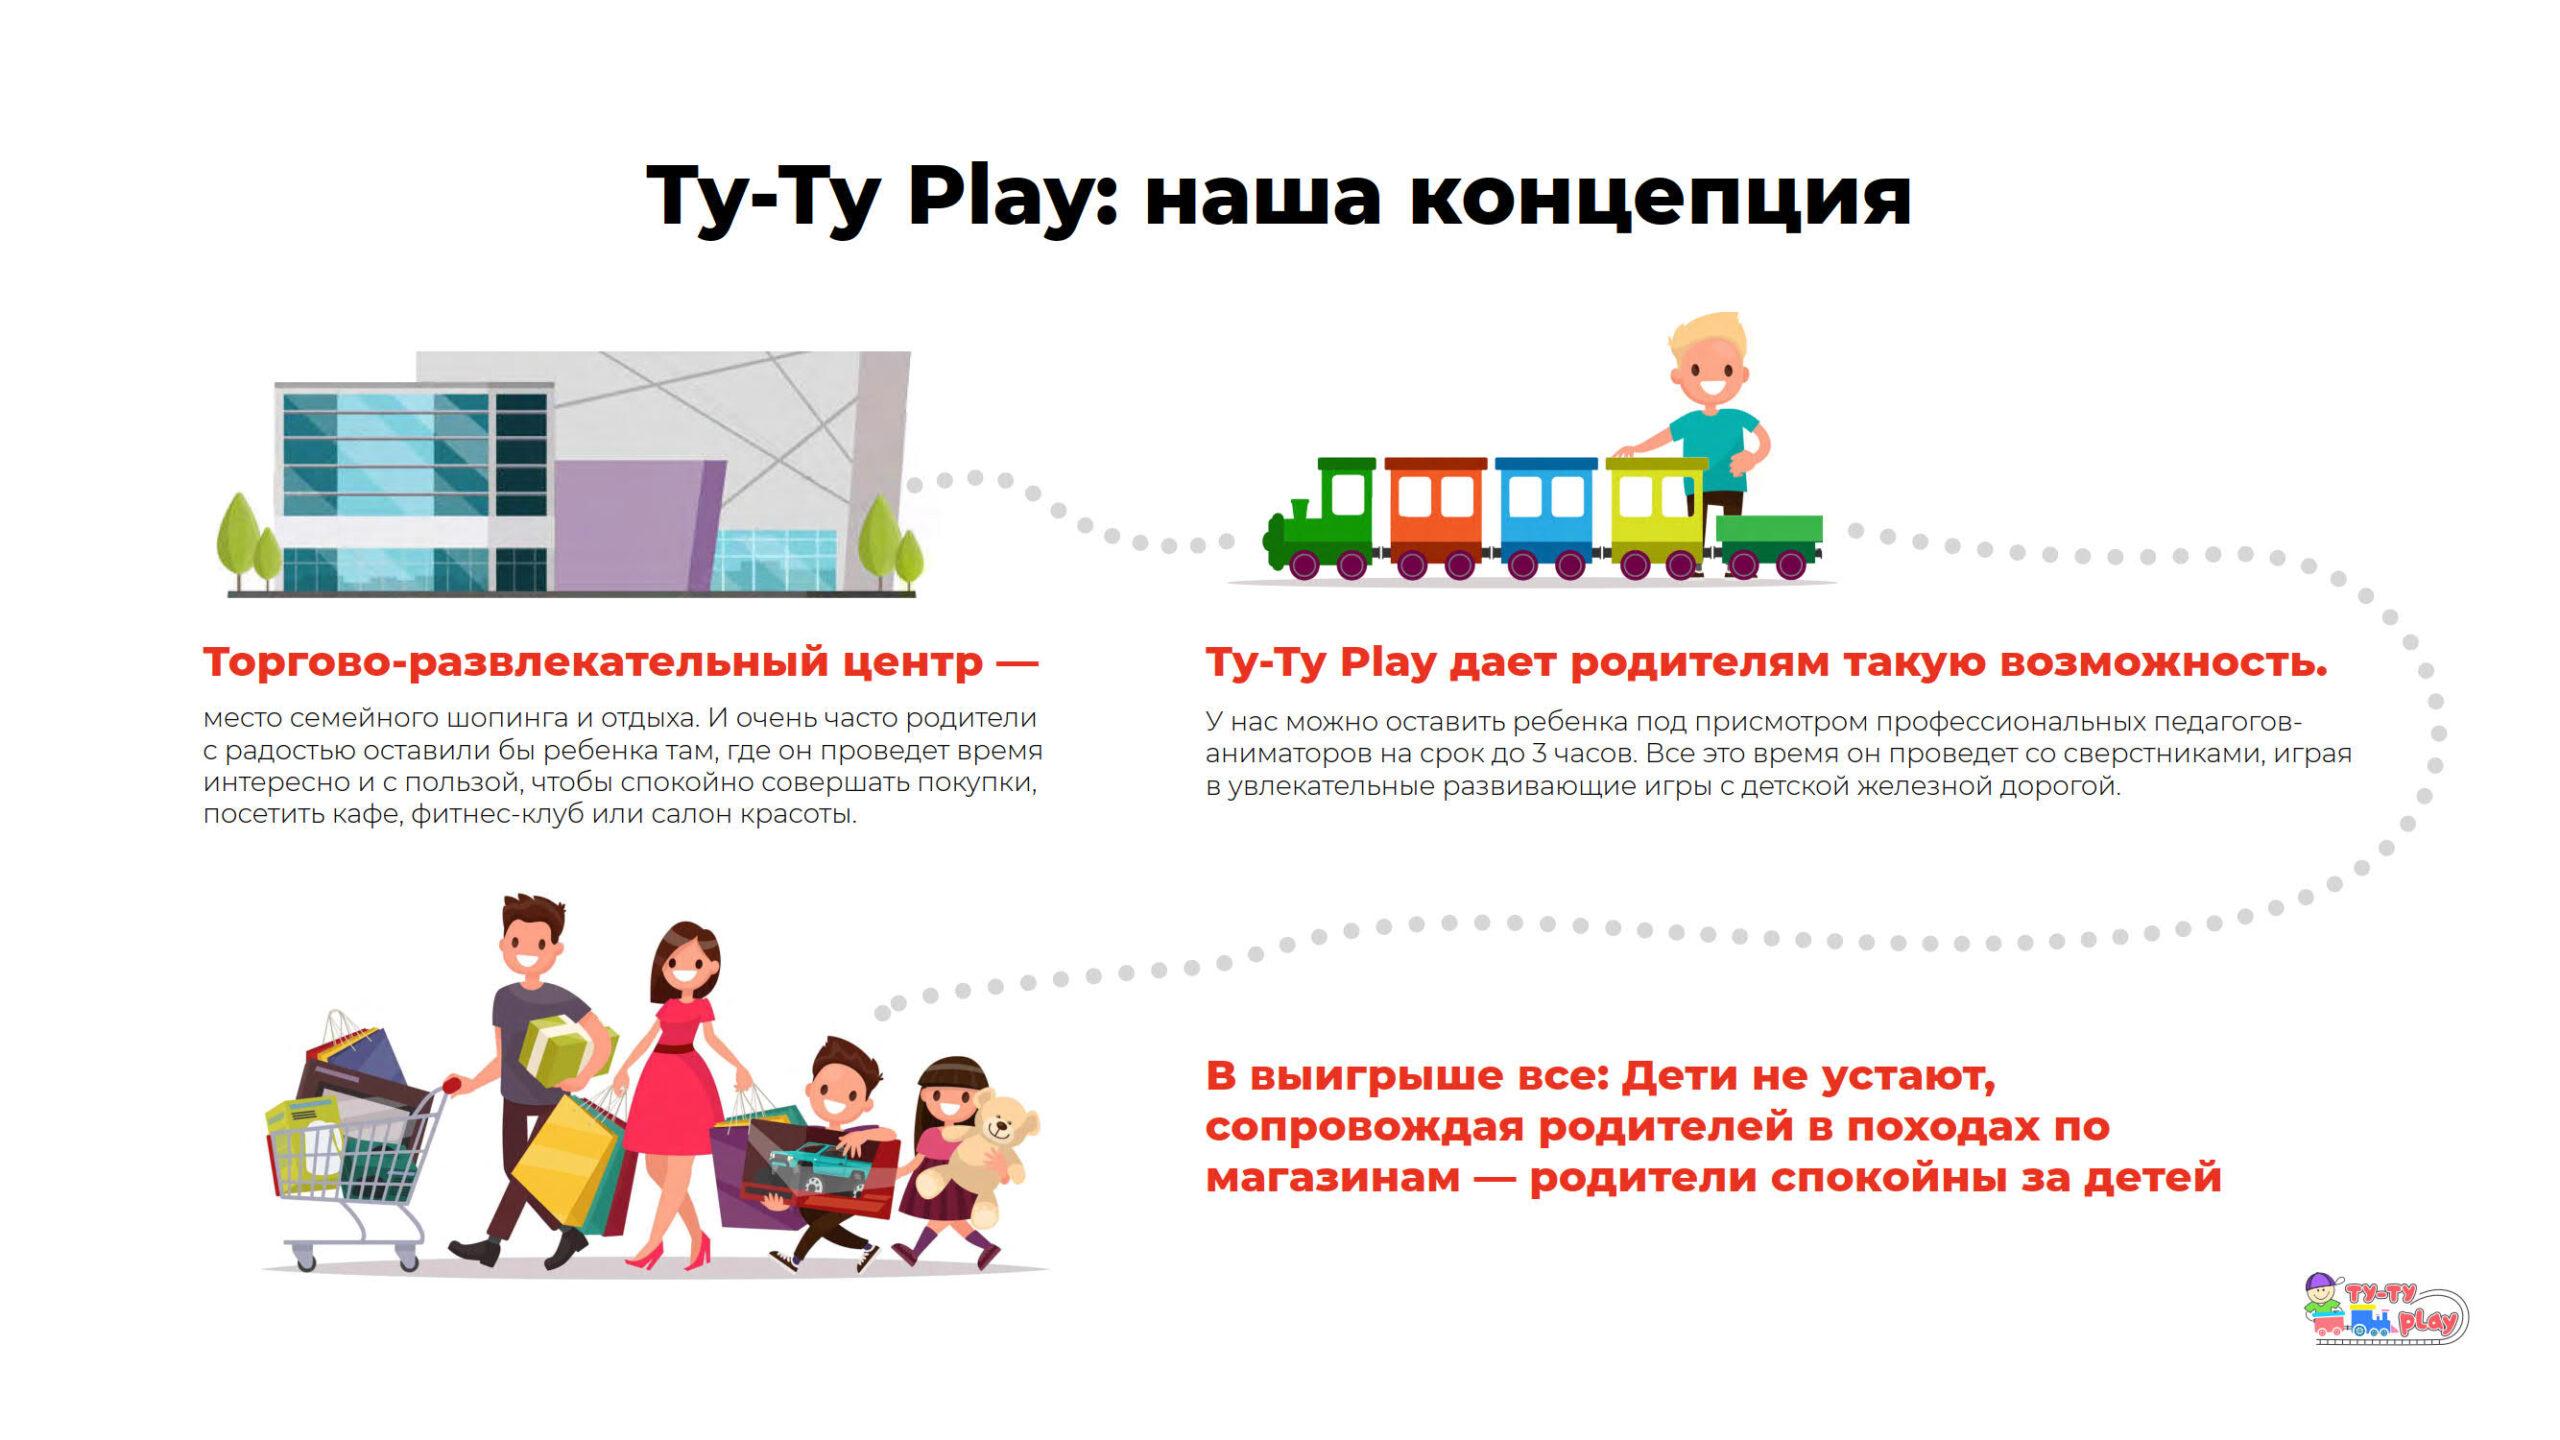 Презентация детского игрового островка «Ту-Ту Play» для аренды в ТРЦ